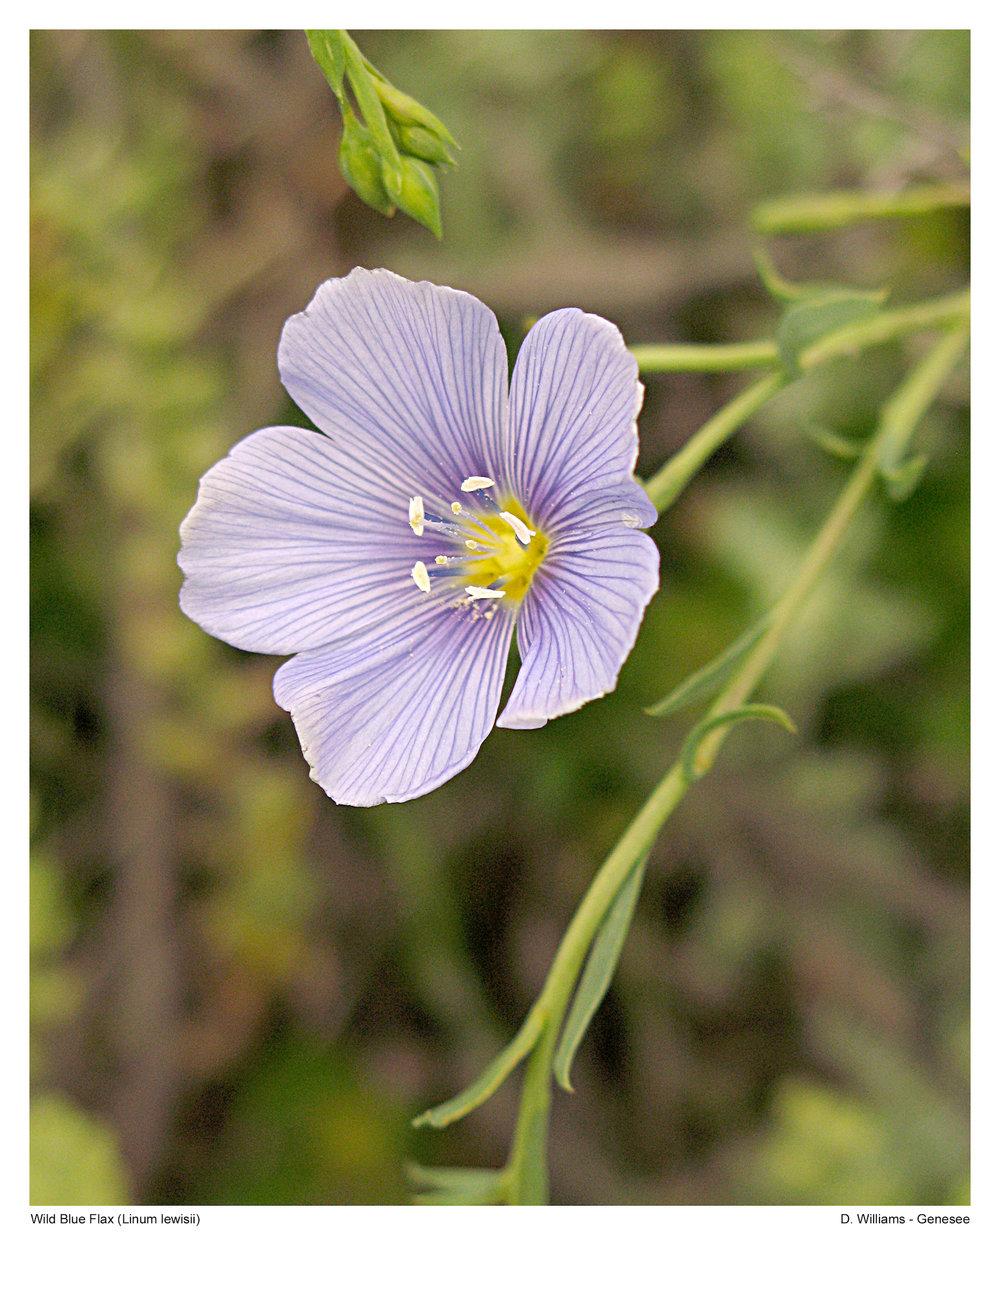 Blue Flax - Linum lewisii IMG_0611.jpg